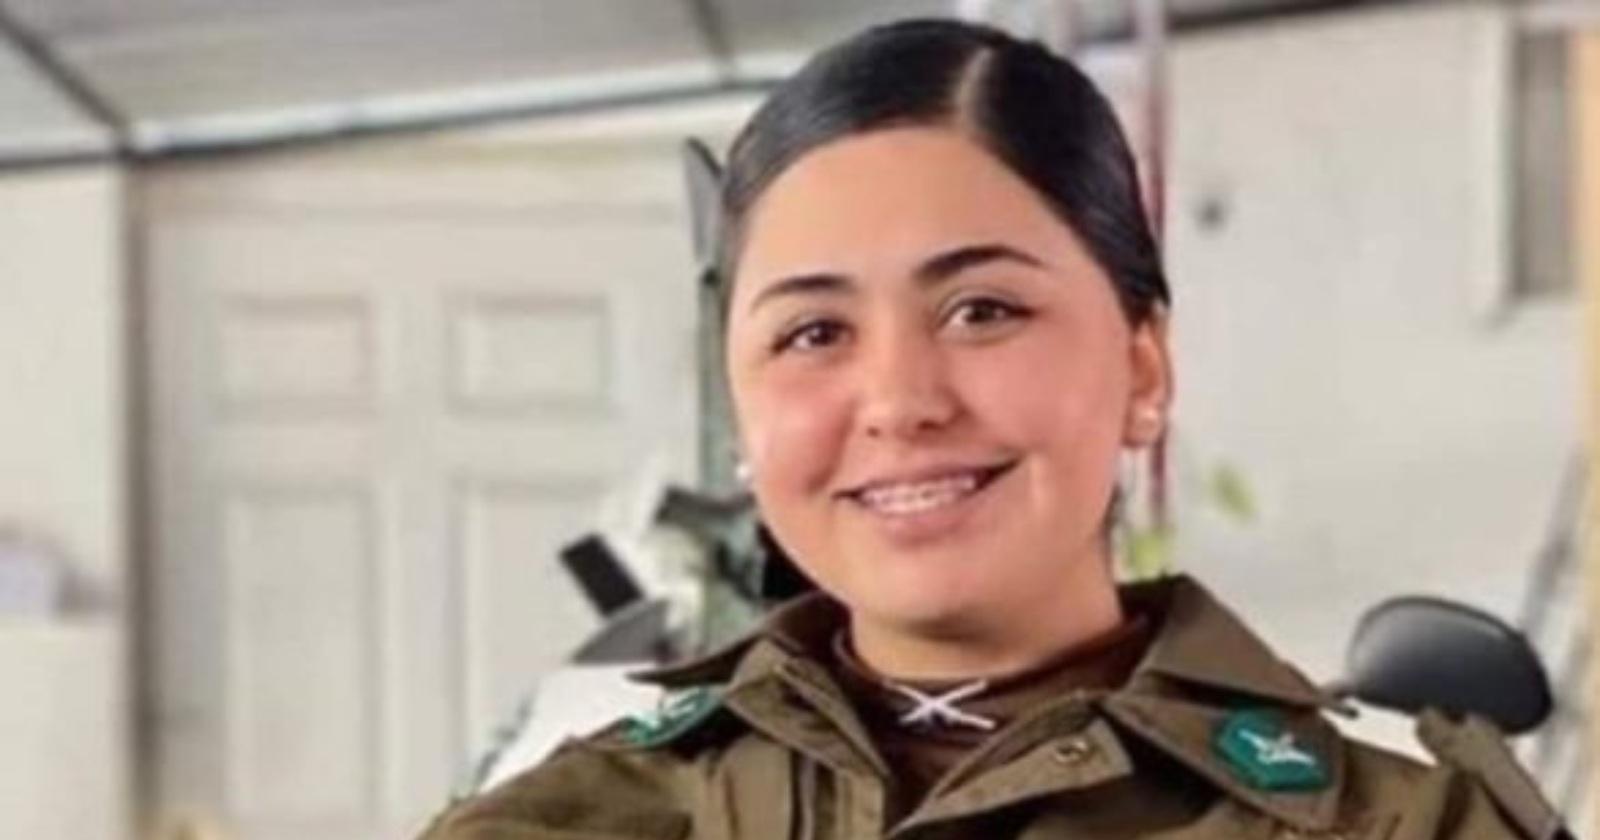 Pedirán presidio perpetuo calificado para asesino de carabinera Norma Vásquez